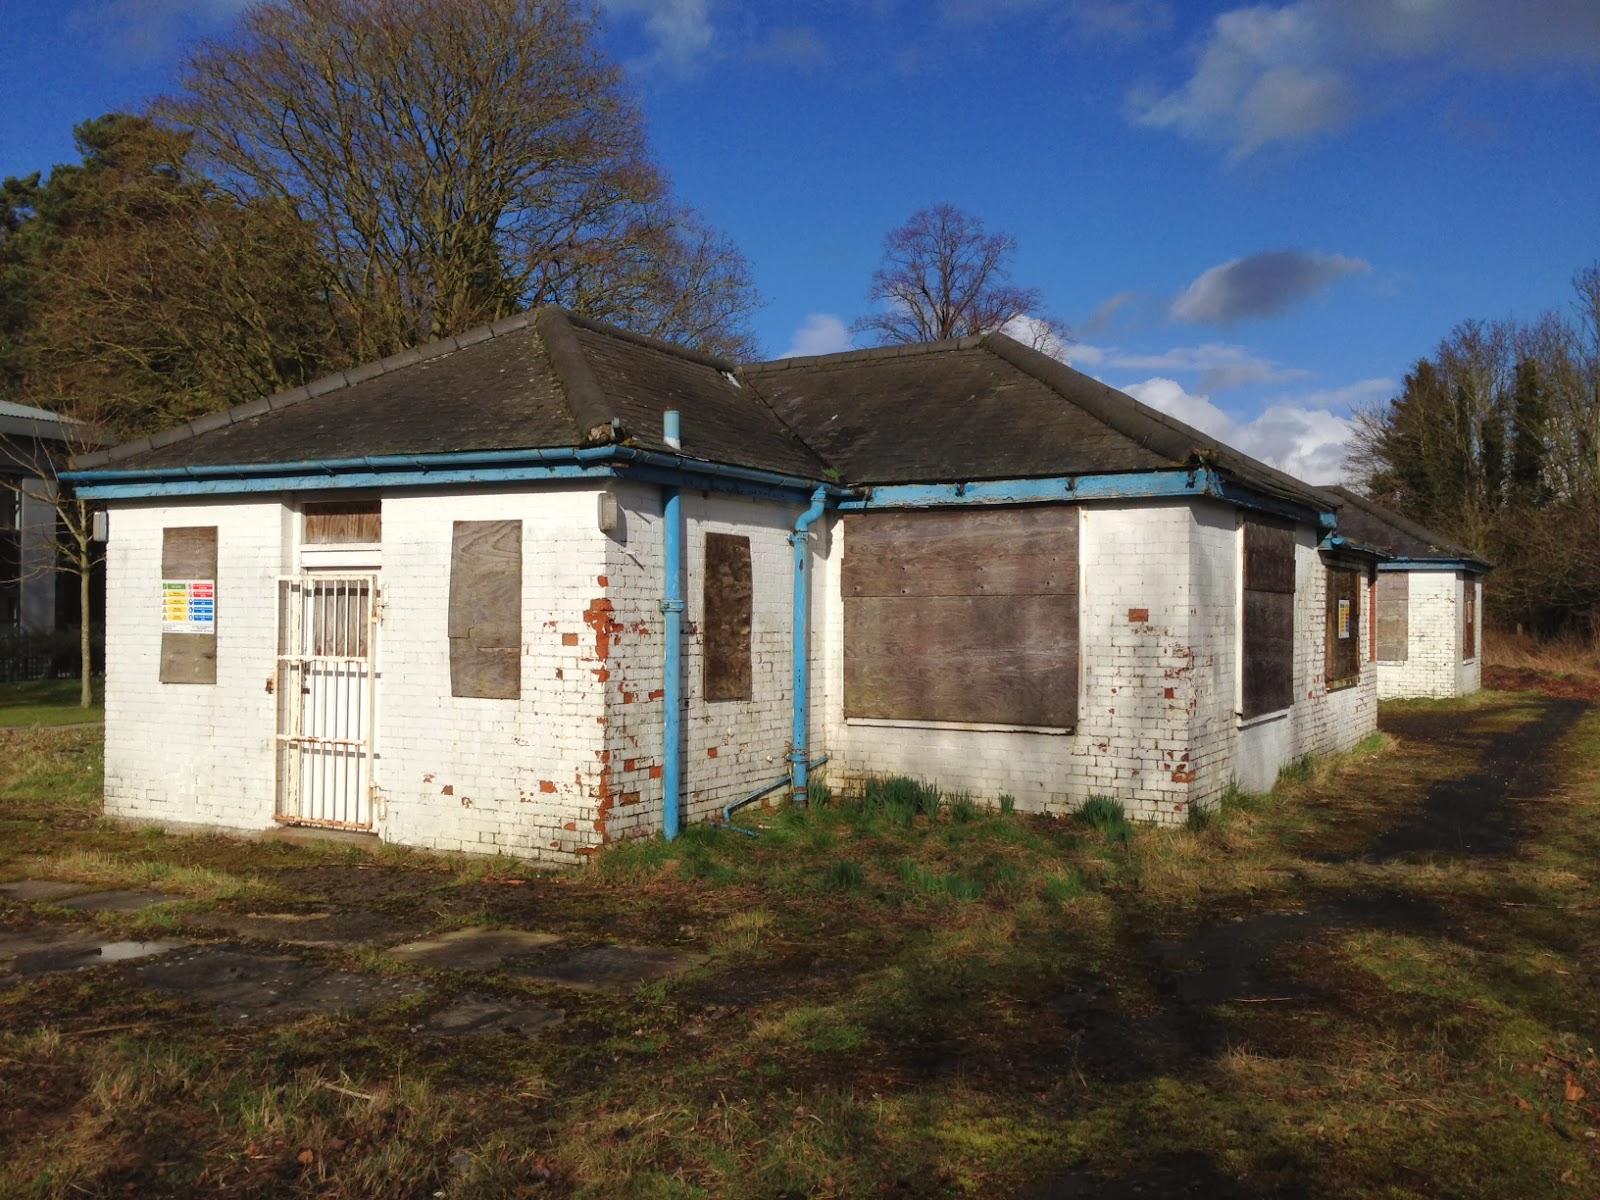 Abandoned buildings, Regent Park, Princes Risborough